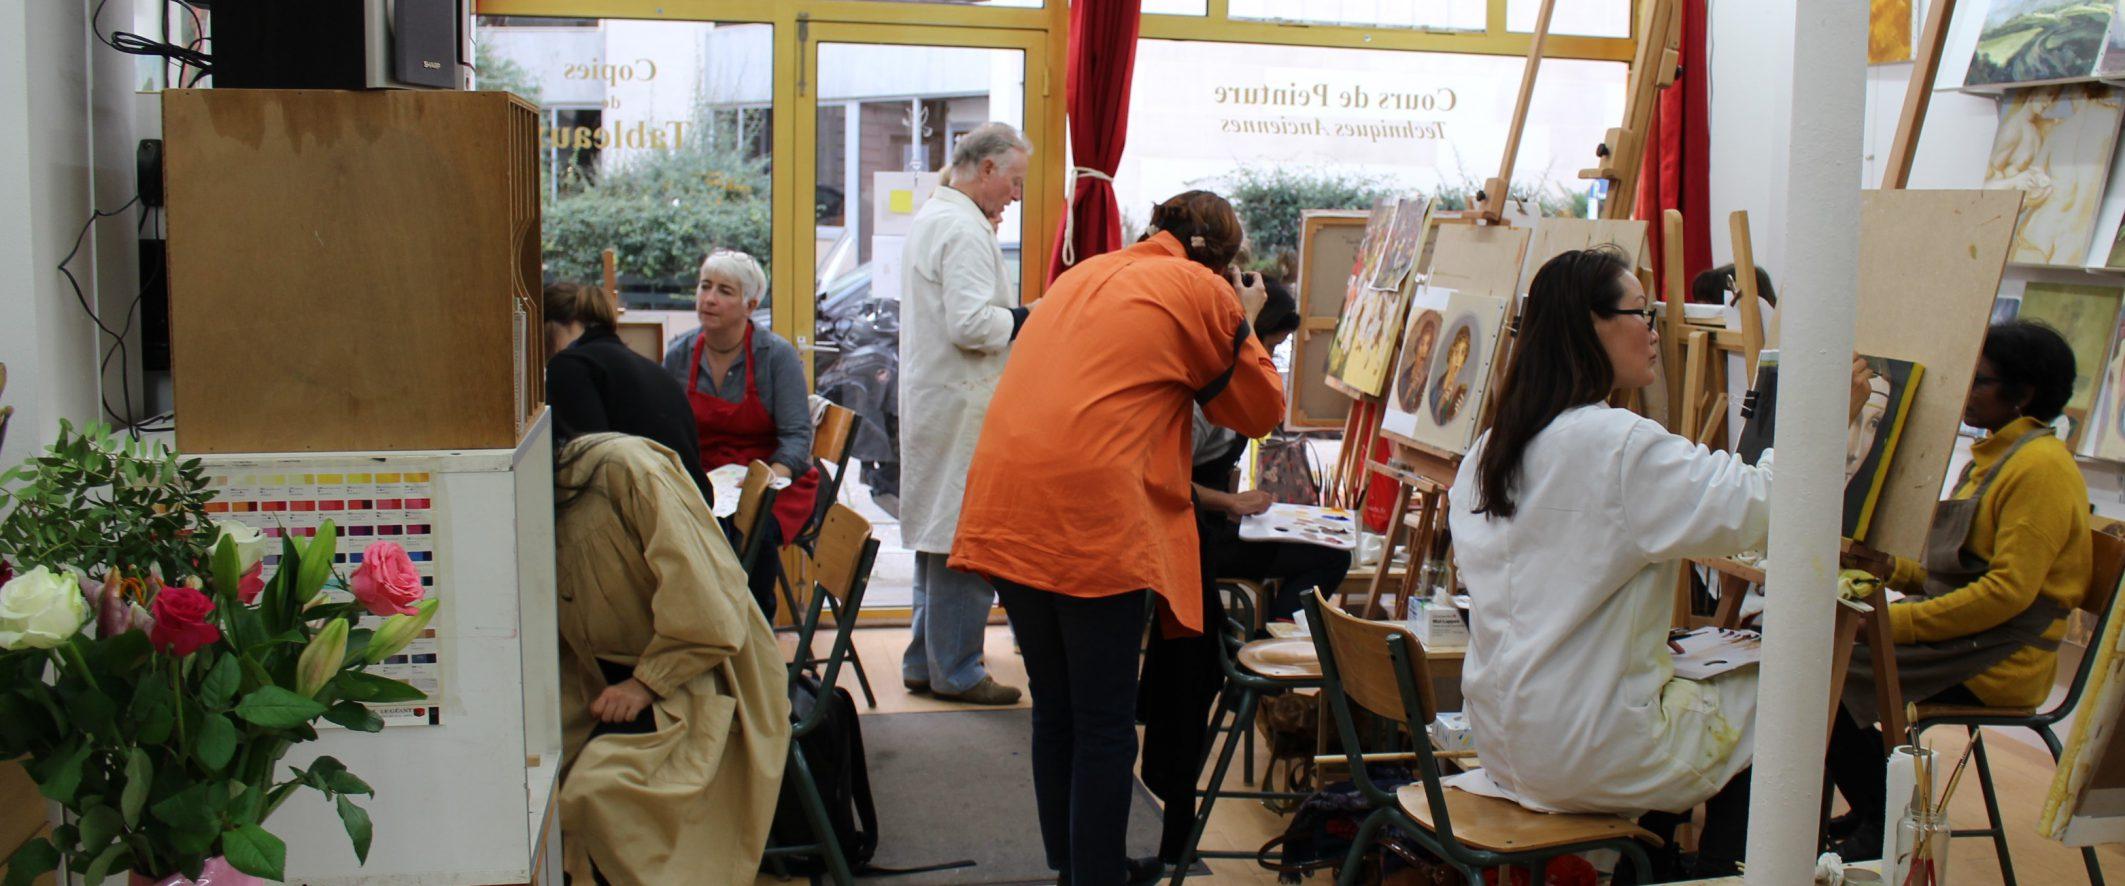 cours de peinture à paris | atelier baroque paris